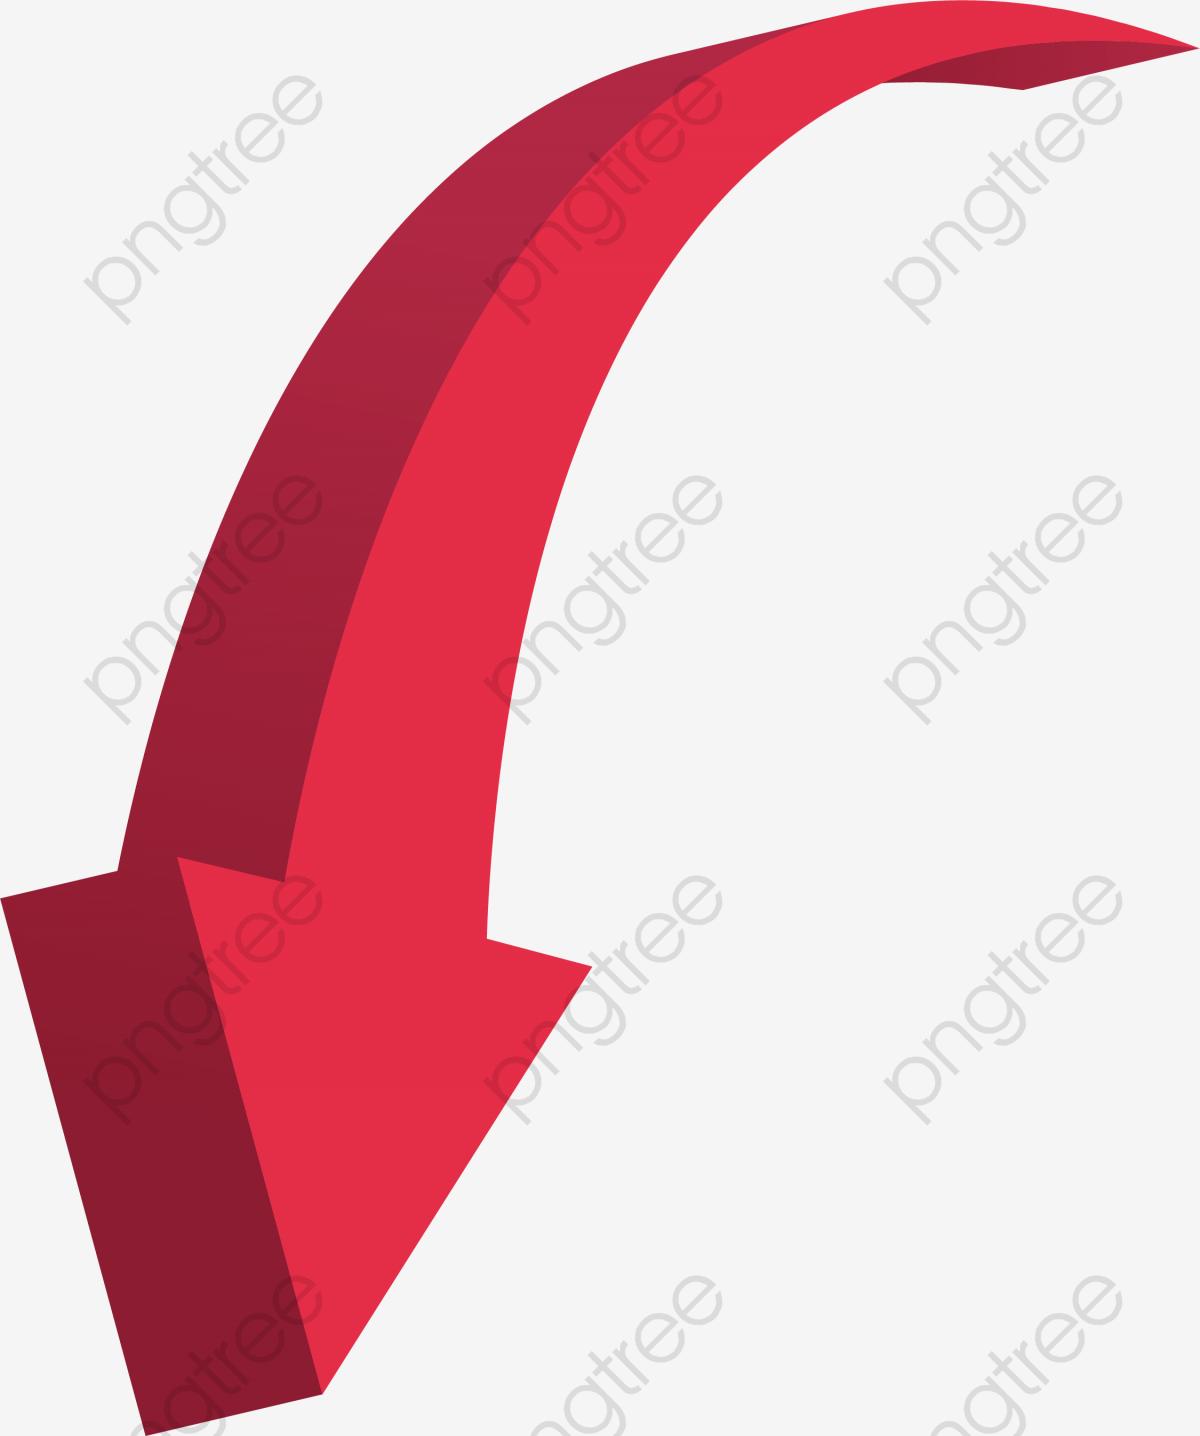 Queda De Seta Vermelha, Vector Png, A Seta, A Seta Vermelha.